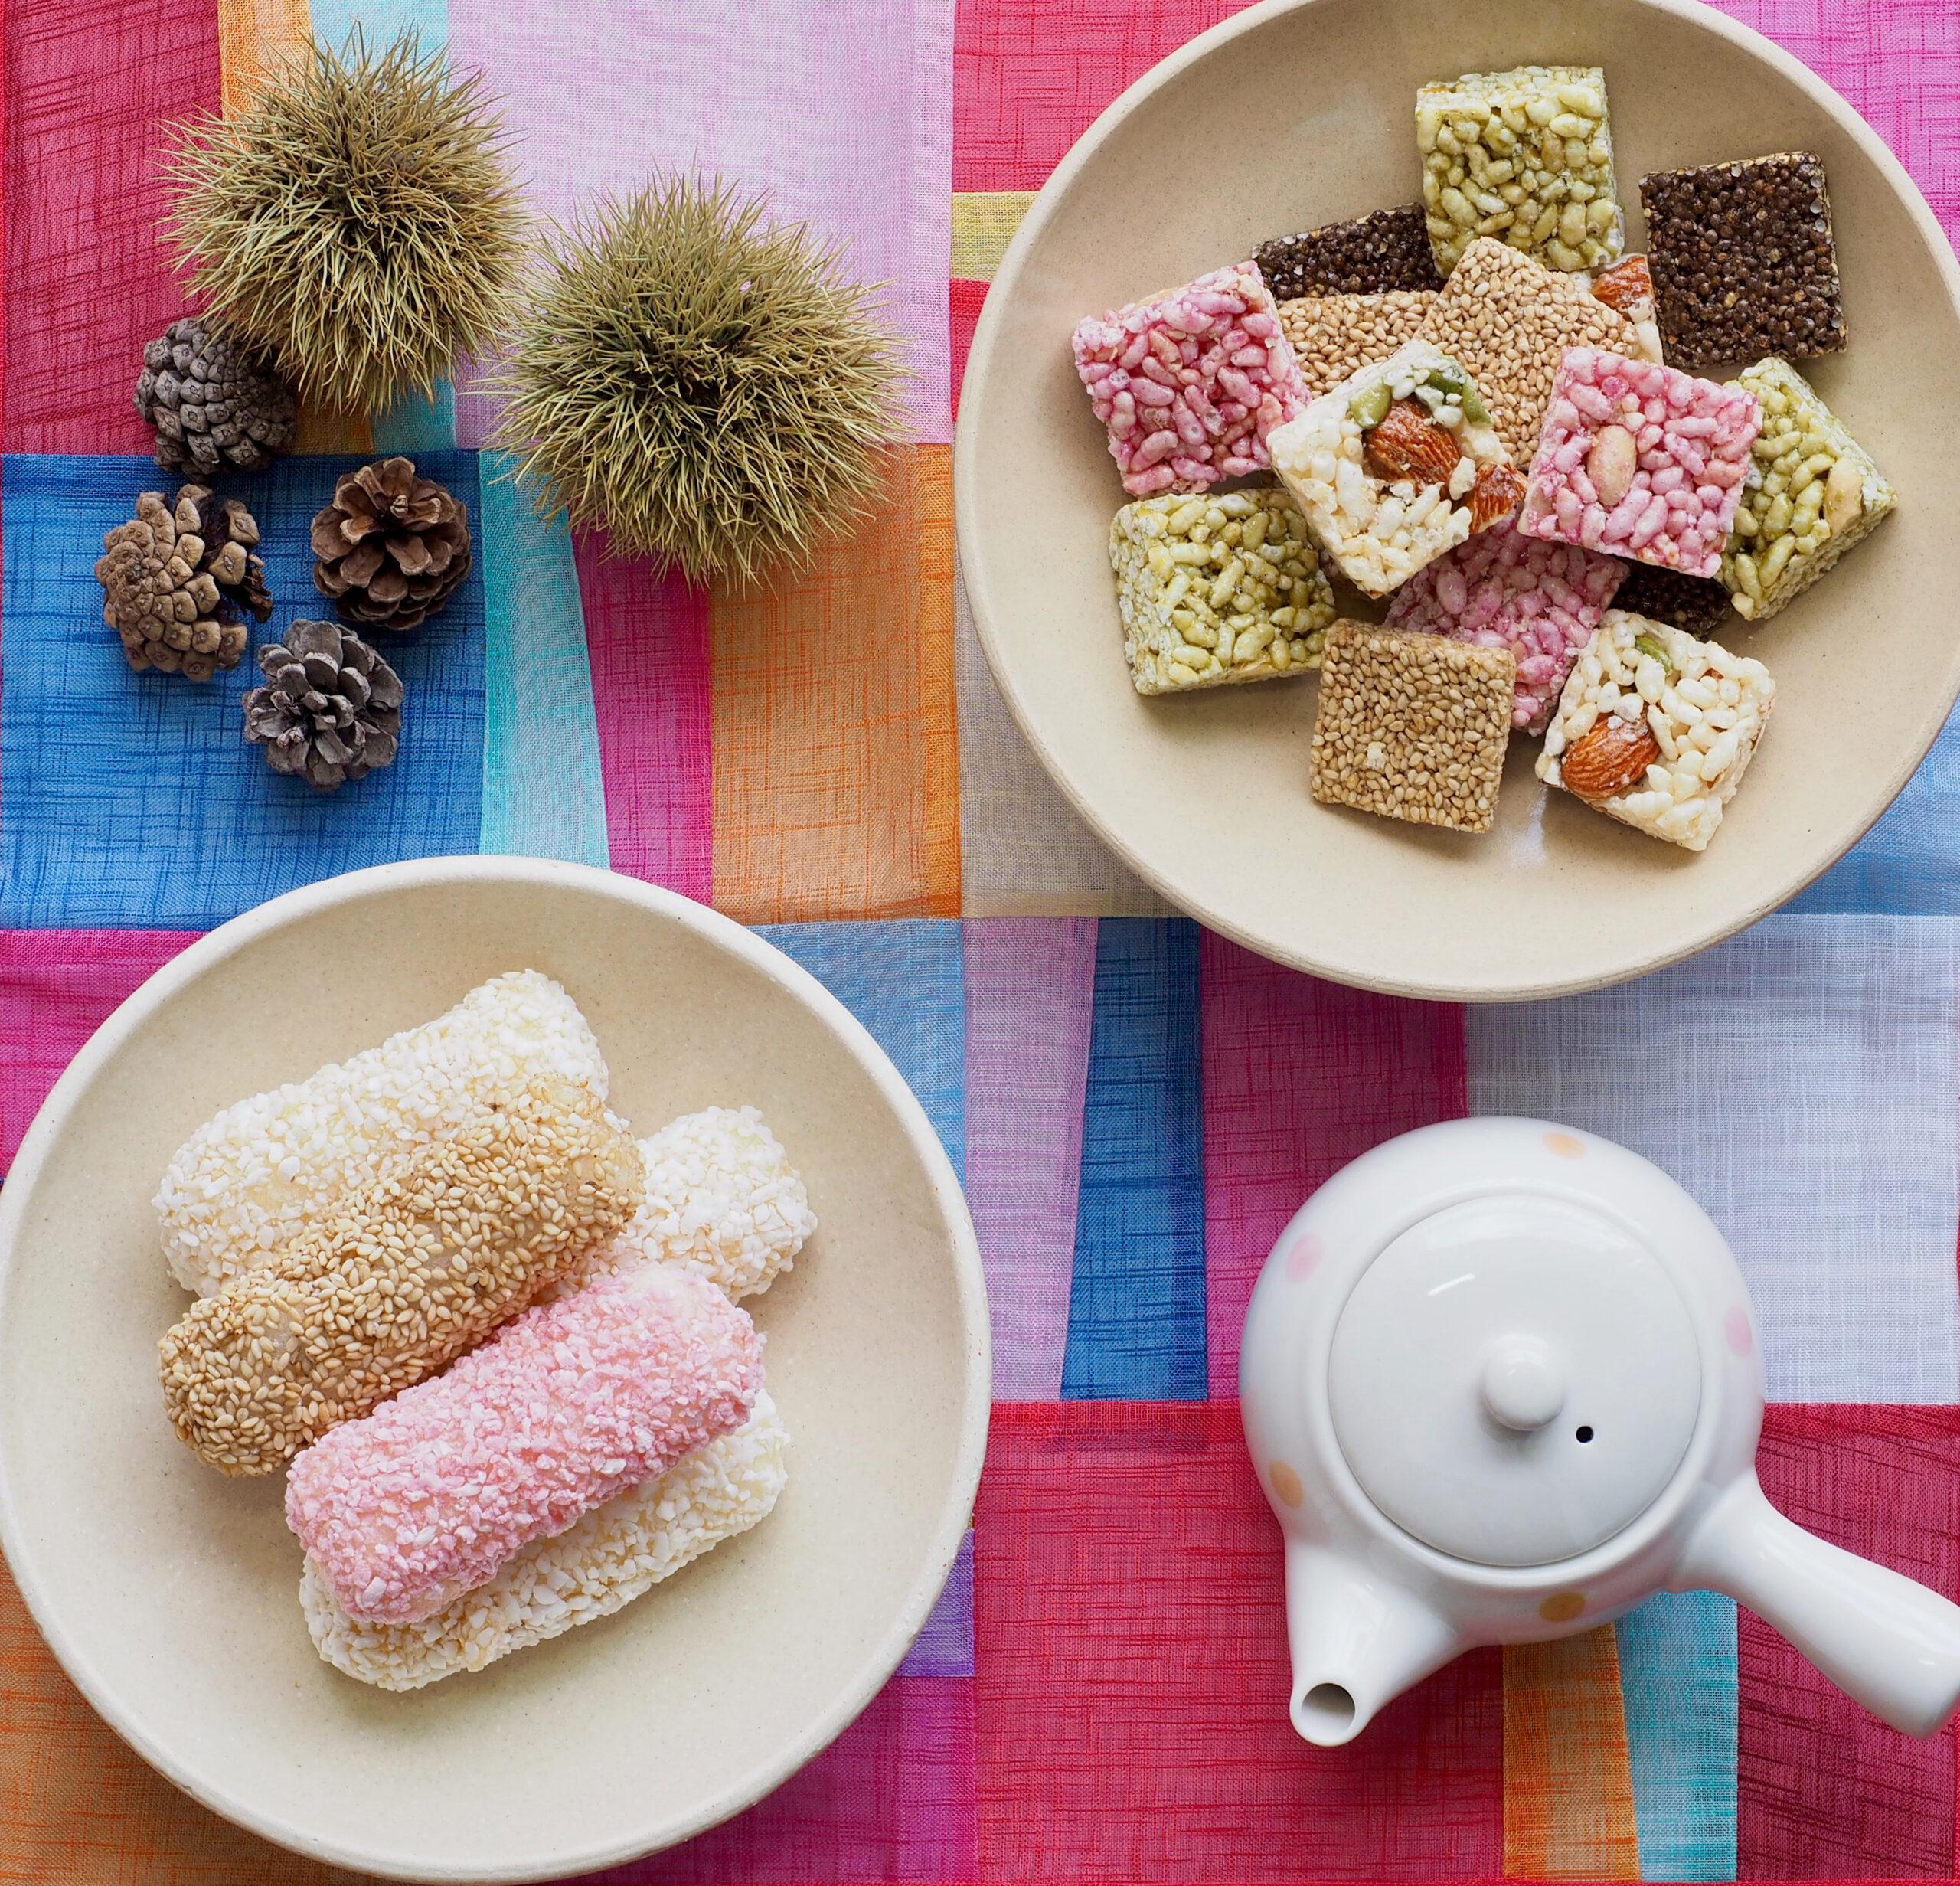 韓国の伝統菓子、いと趣深し…